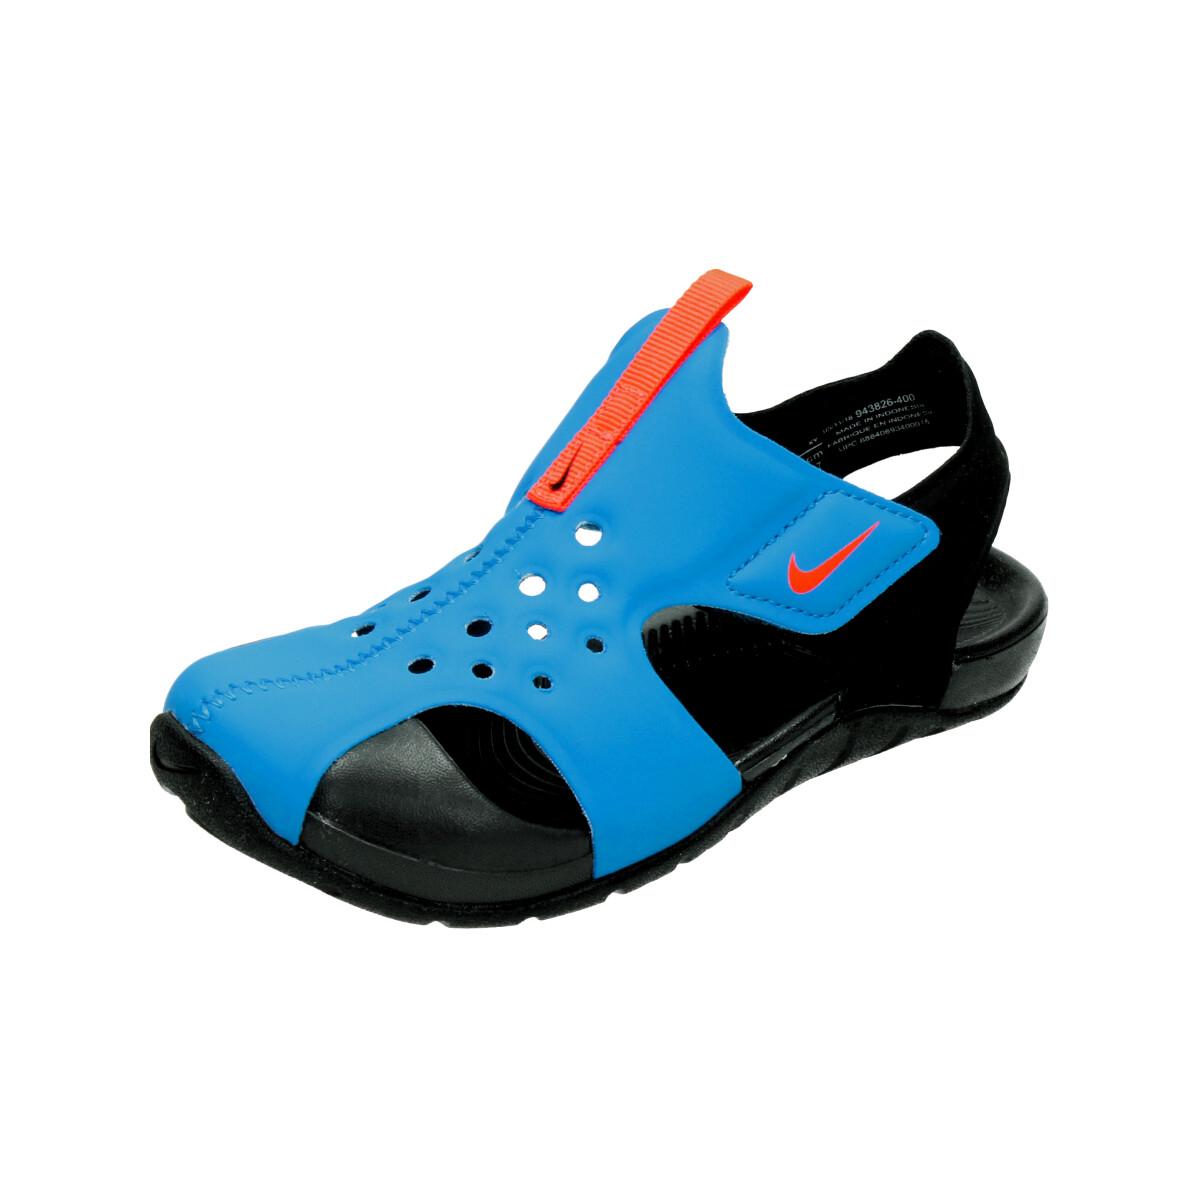 Sandalen 2 Blauw Sunray Protect Peuter Online Nike Bij Kopen jUzMVLSGqp